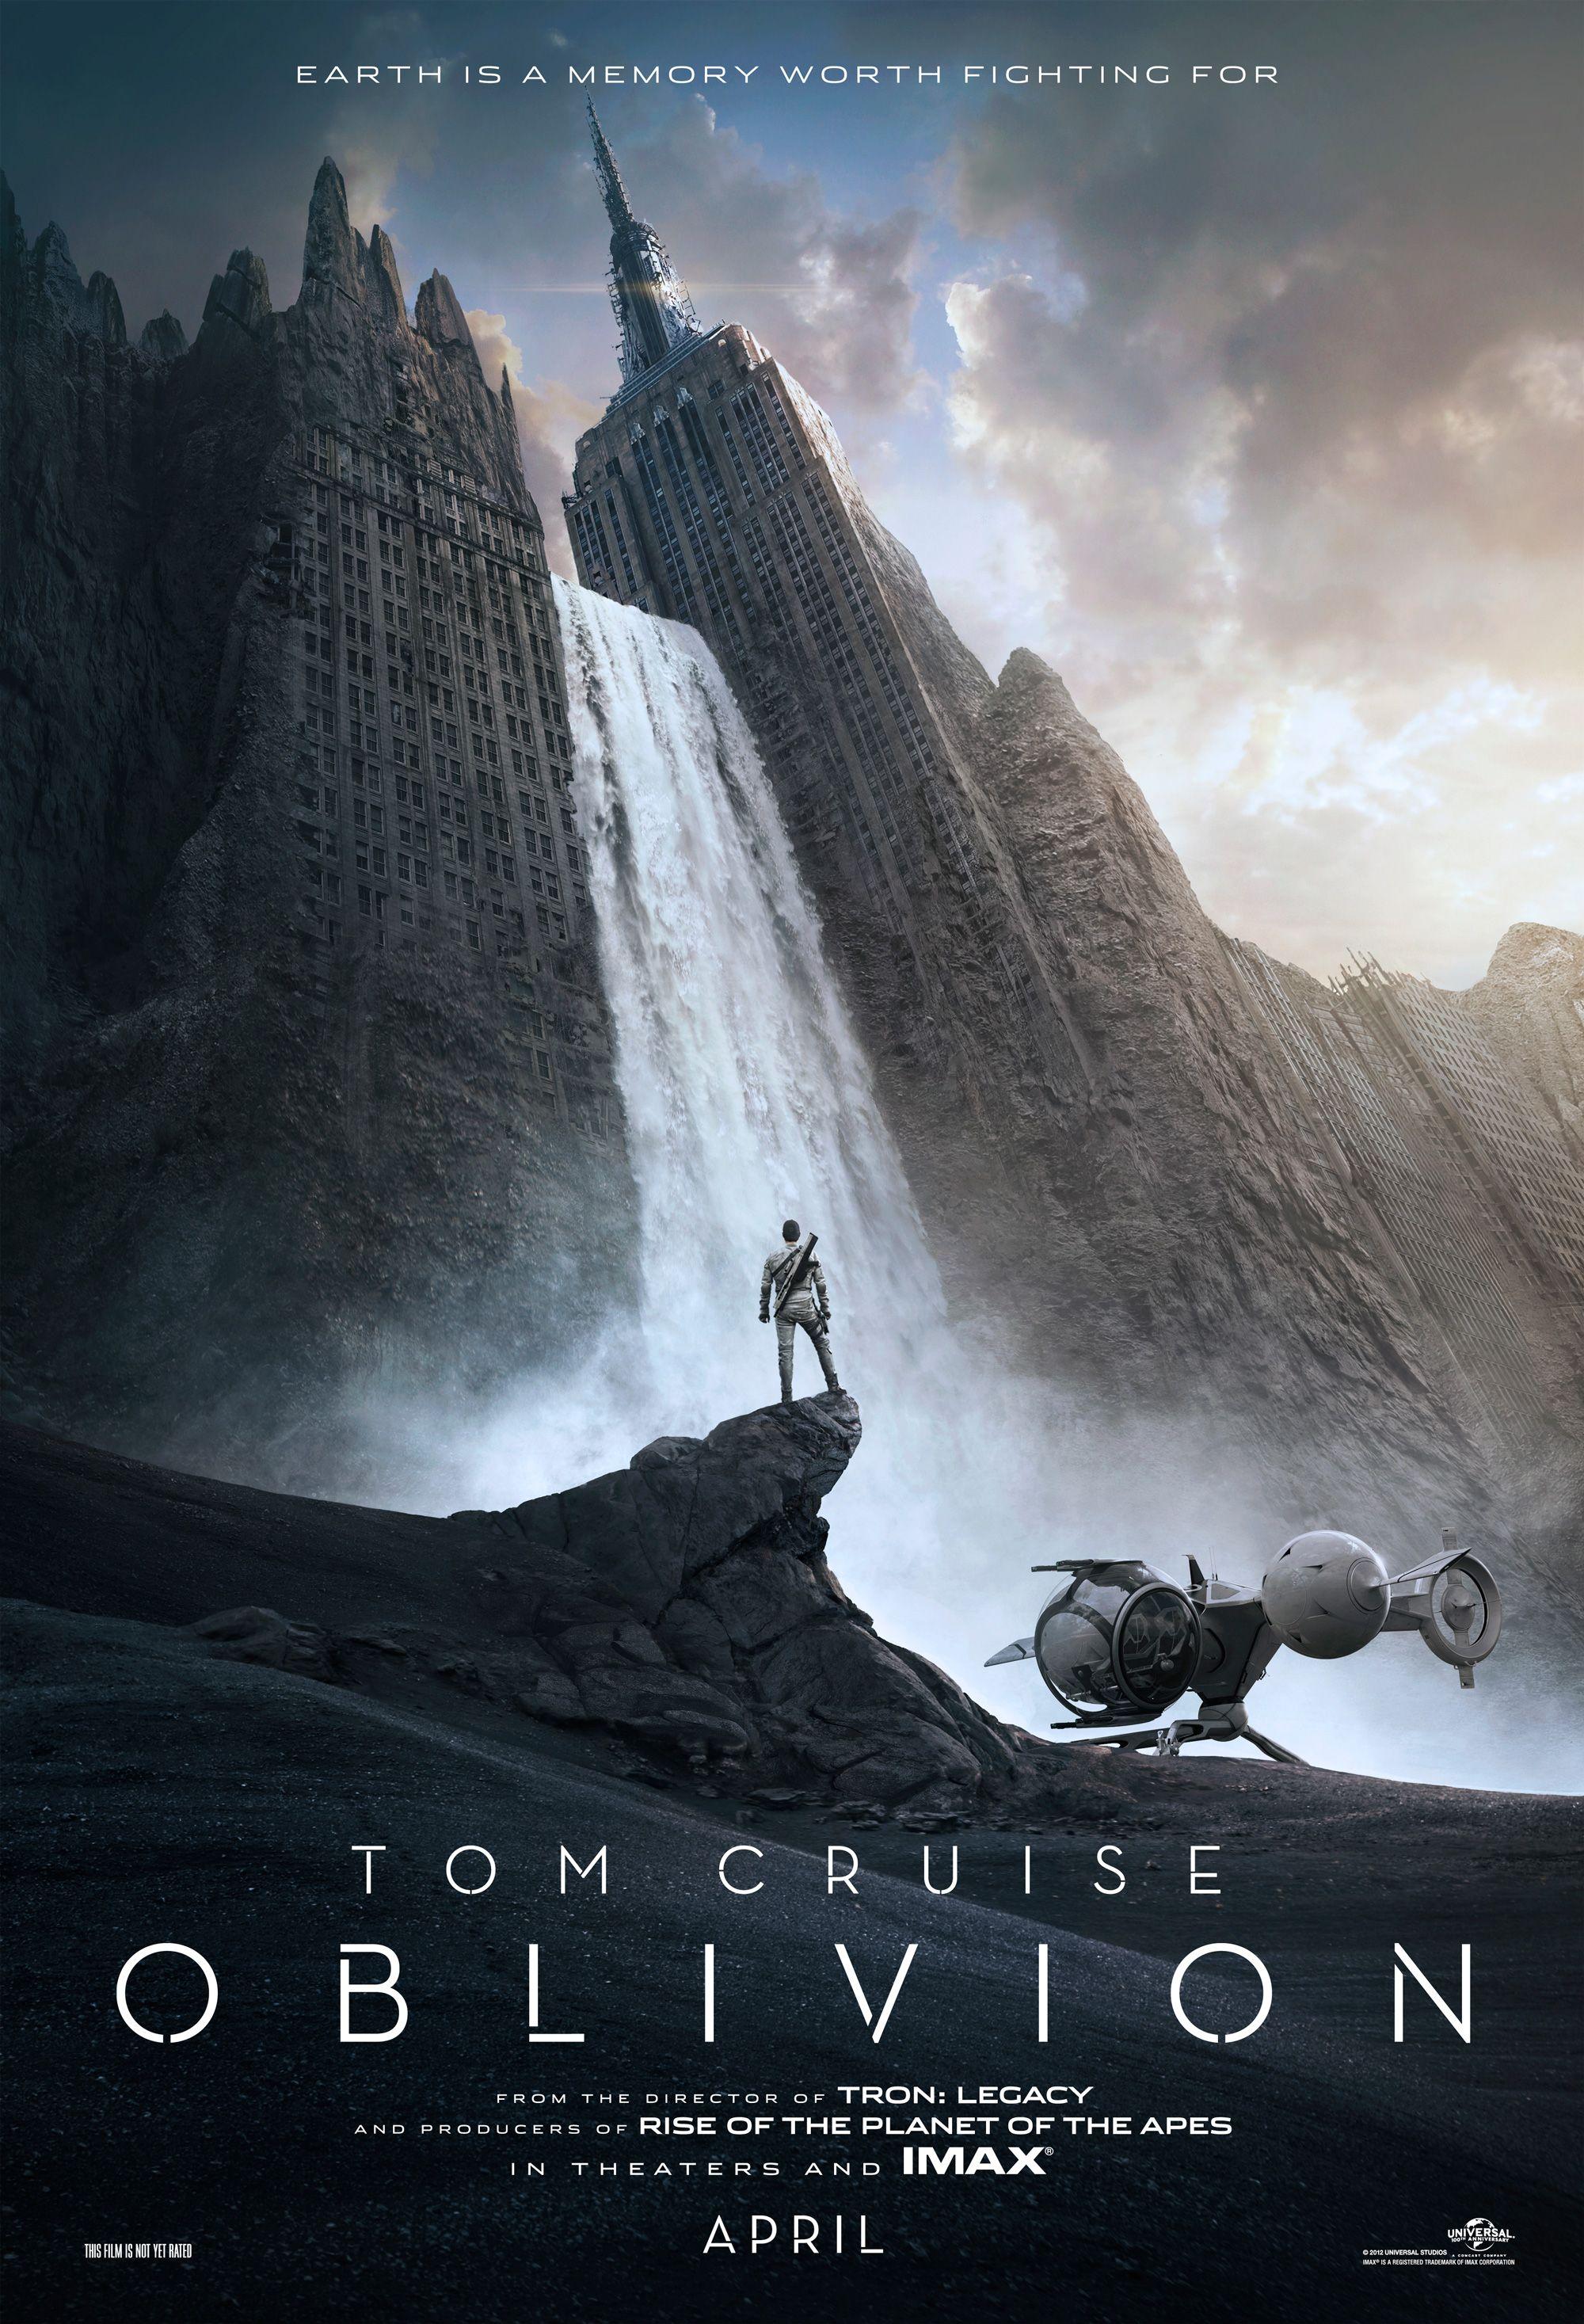 Post Apocalyptic Sci Fi Trailer Smackdown Oblivion Versus After Earth Oblivion Movie Sci Fi Movies Sci Fi Films